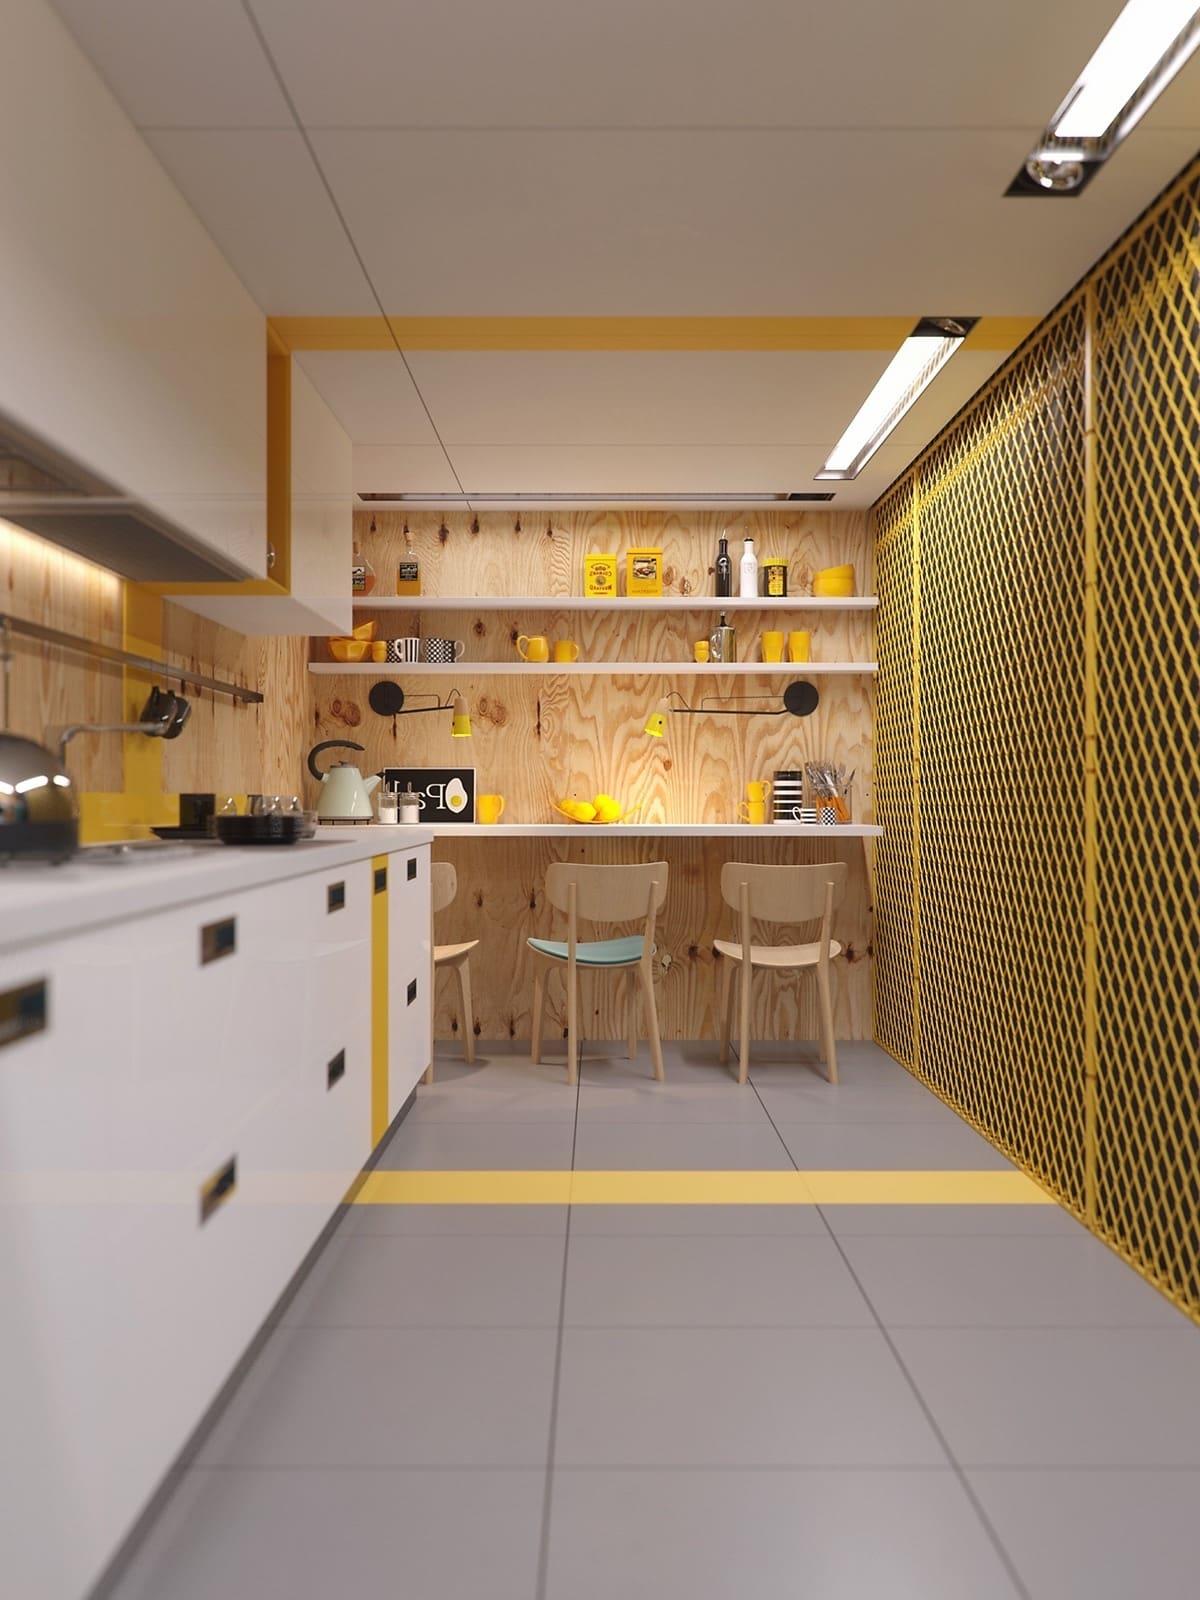 Красивый, можно сказать идеальный дизайн узкой кухни с хорошо организованным освещением всех ее функциональных зон